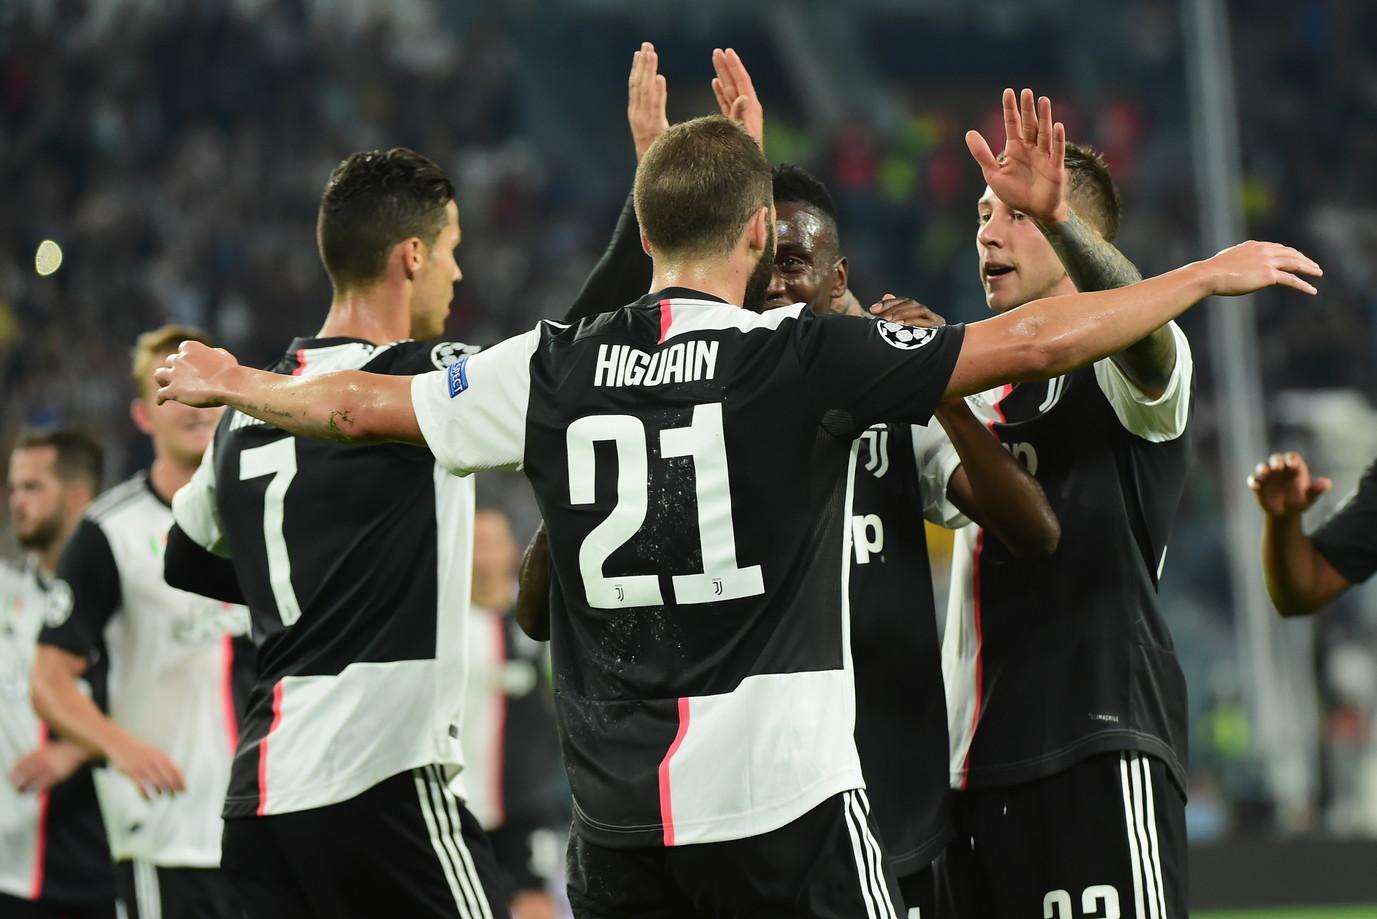 Nella seconda giornata di Champions League, la Juventus batte 3-0 il Bayer Leverkusen e vola in testa al gruppo D a pari merito con l'Atletico Mad...